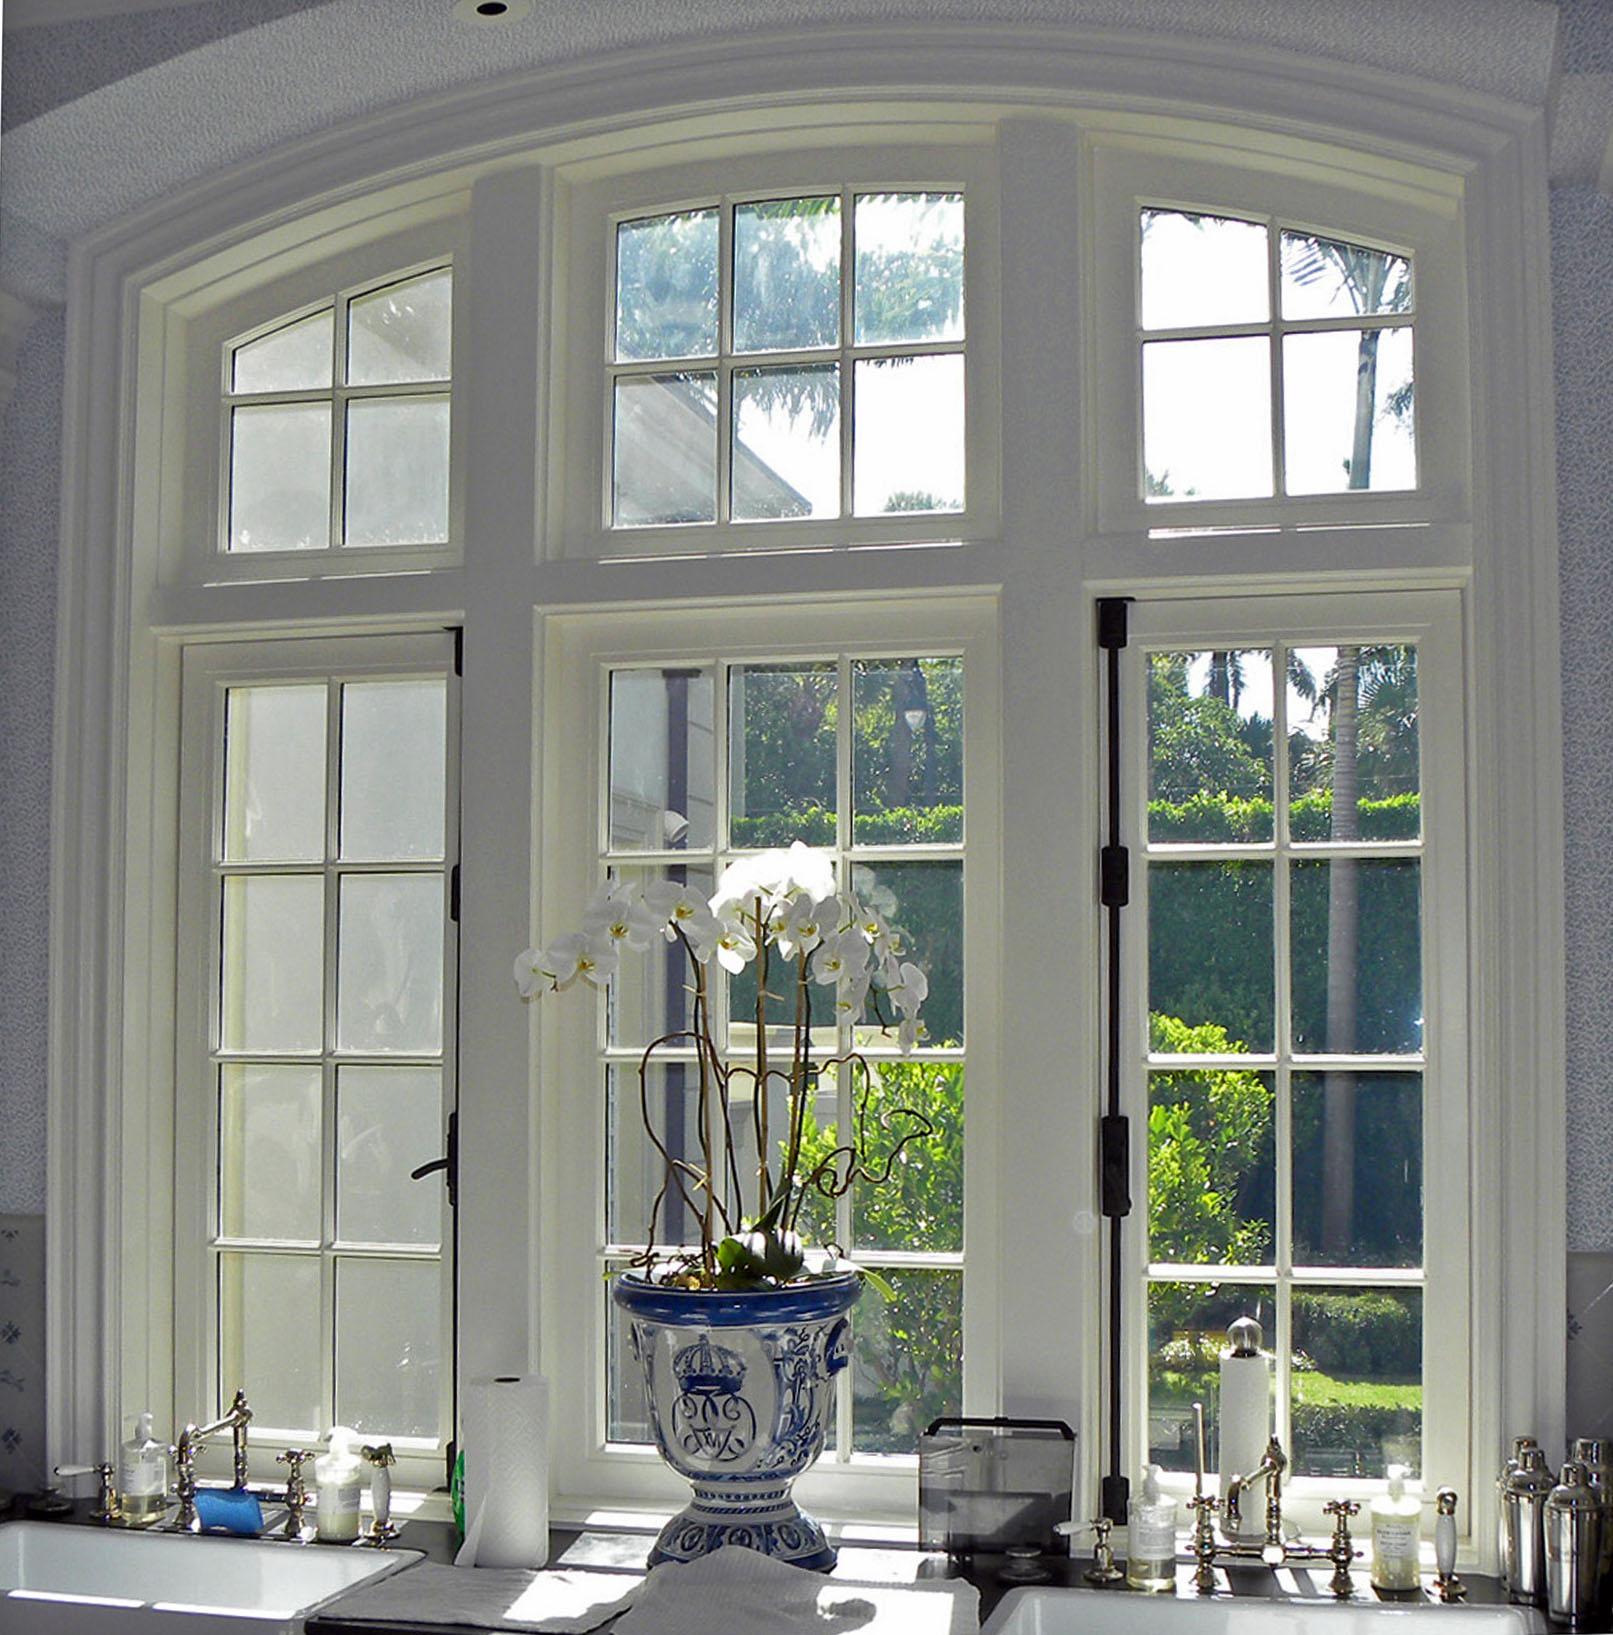 EL VENADO KITCHEN WINDOWS